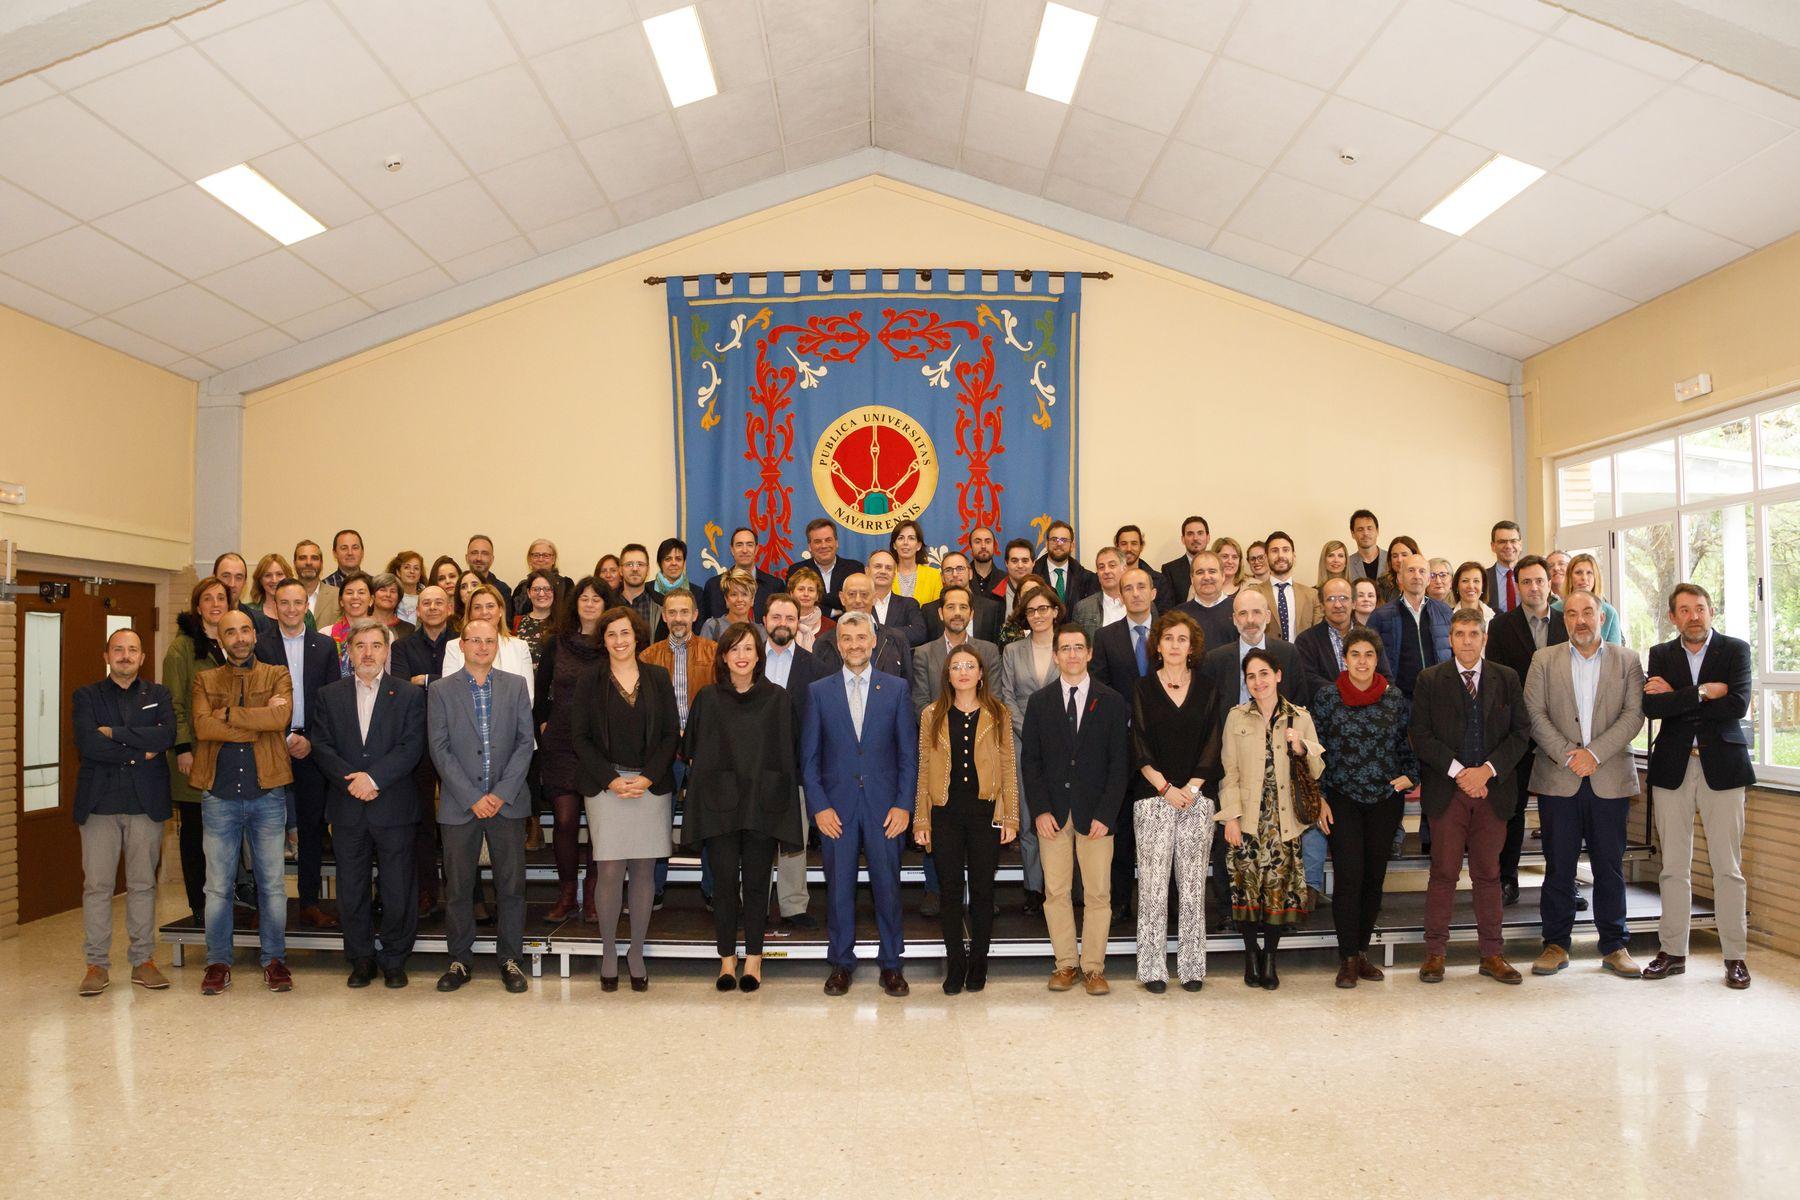 Foto de grupo con parte de los asistentes al acto de reconocimiento, estudiantes y representantes de la Universidad.